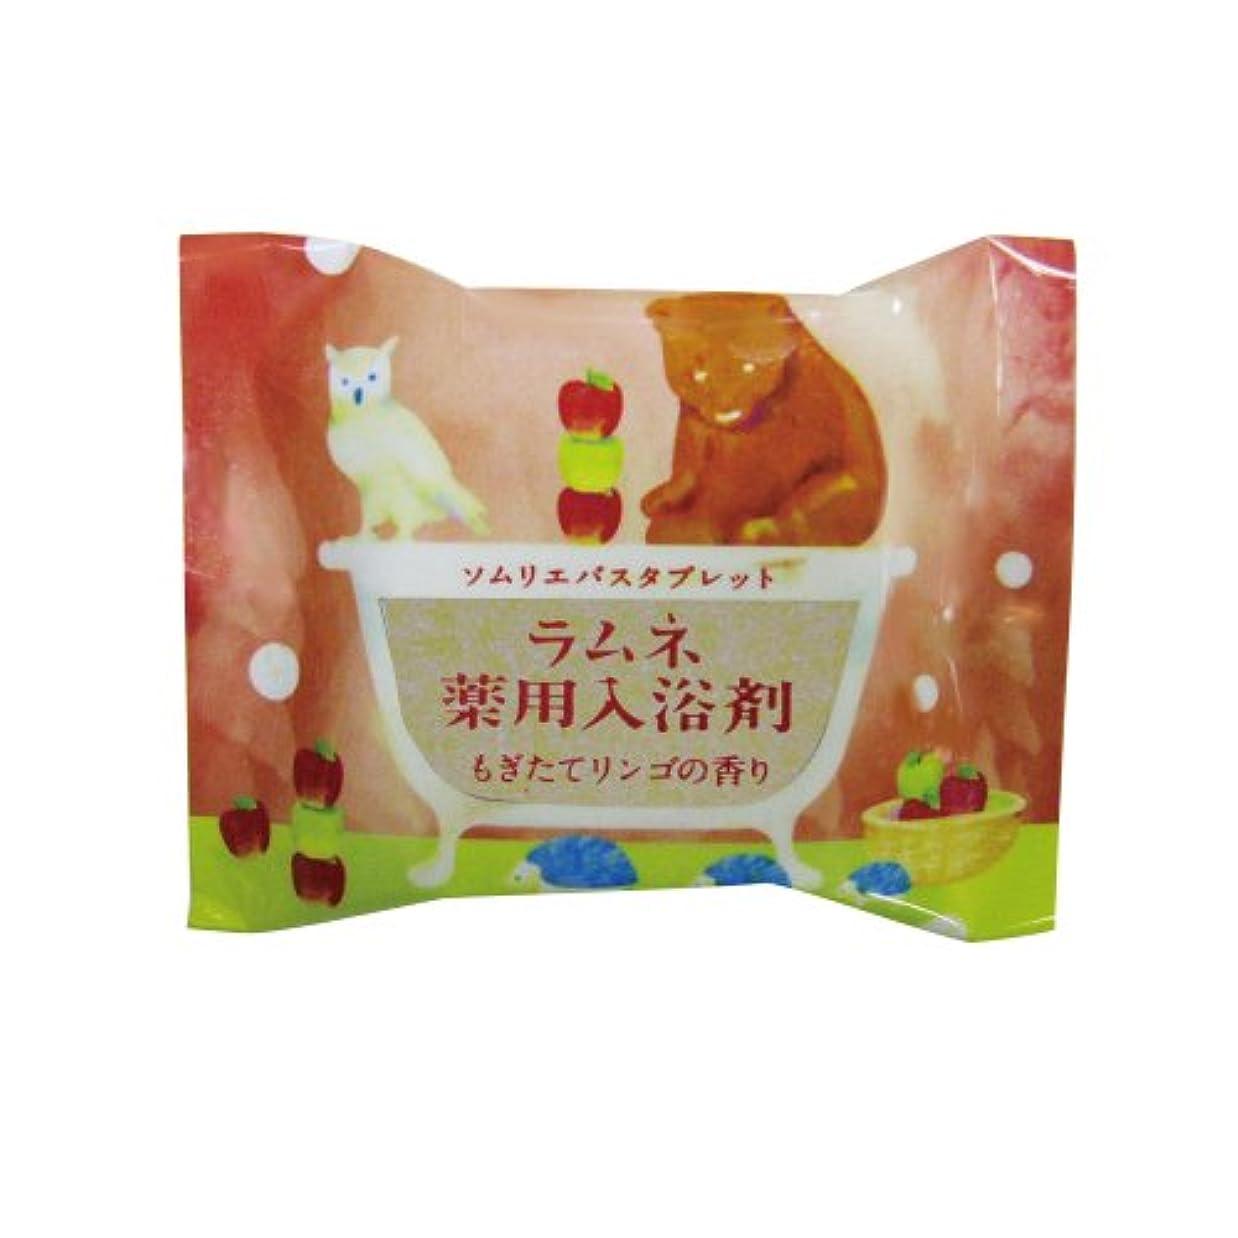 アーティスト青写真深遠ソムリエバスタブレット ラムネ薬用入浴剤 もぎたてリンゴの香り 12個セット